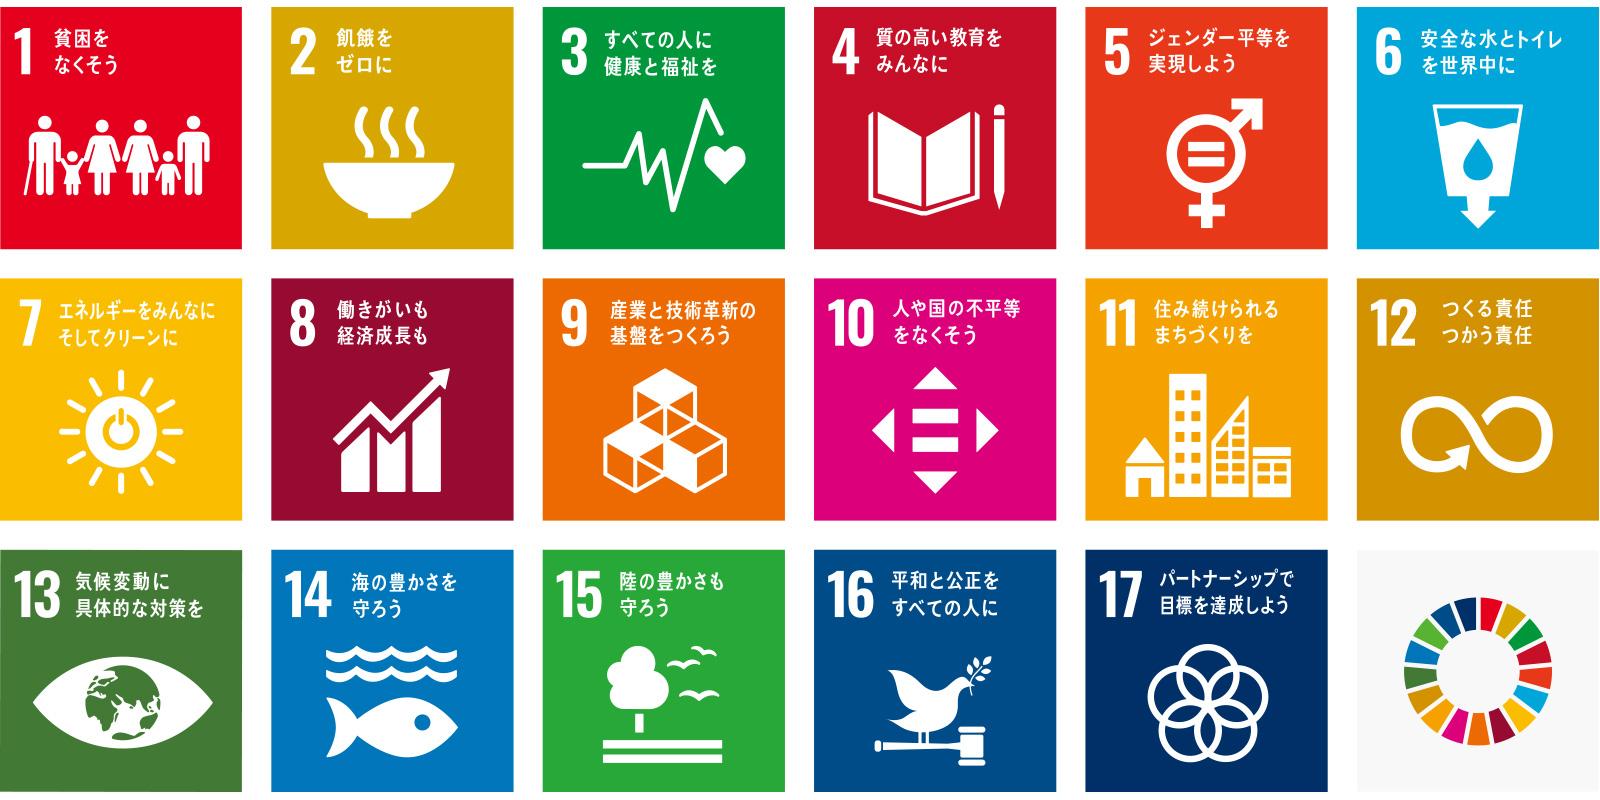 公益社団法人京都府食品衛生協会におけるSDGsの取組み